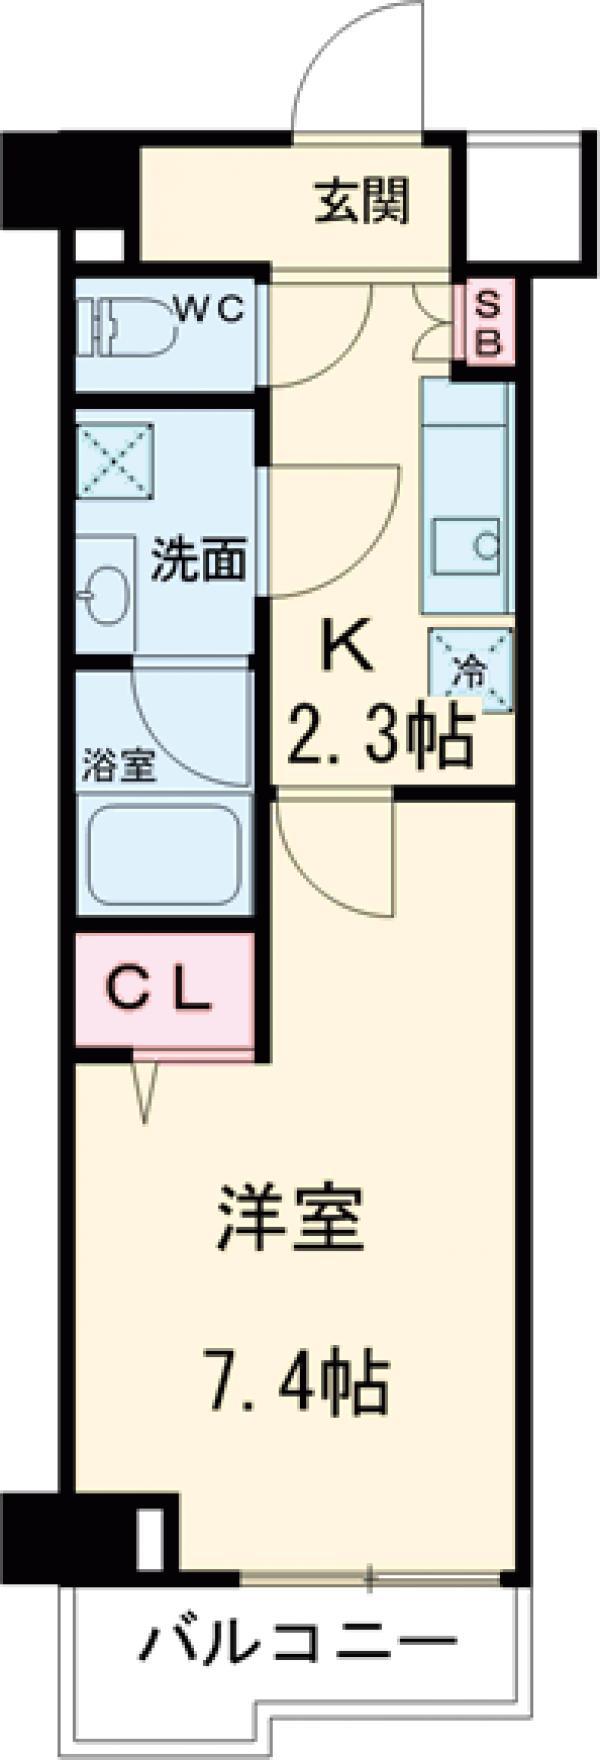 スカイコートグレース新宿中落合 112号室の間取り